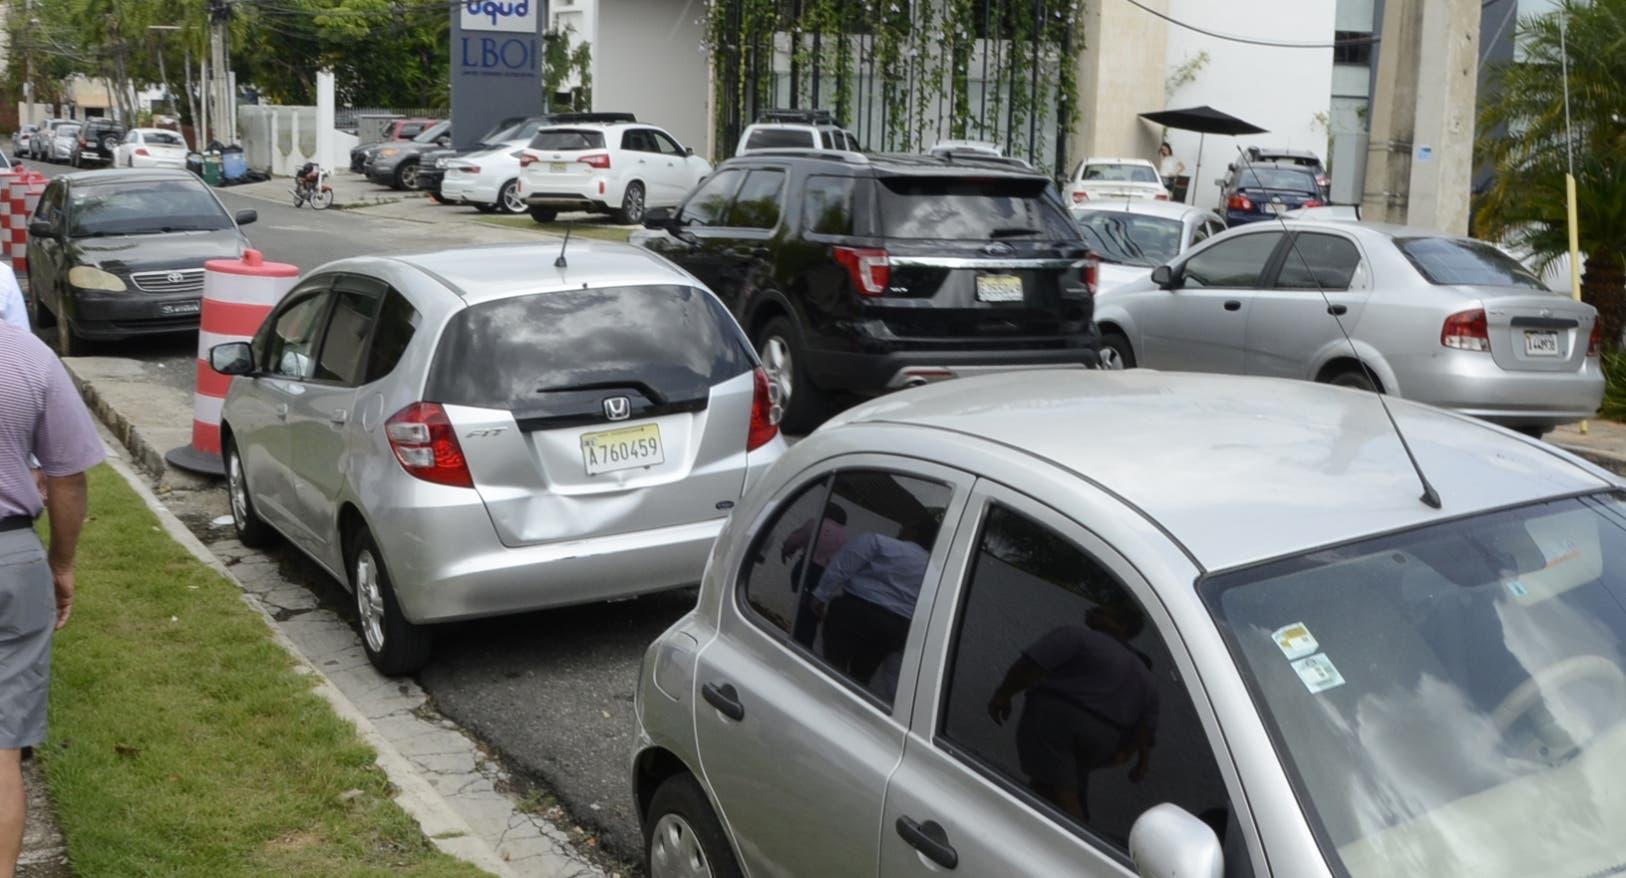 En la calle  Profesor Emilio Aparicio     con la calle Juan García Bonnelly  la congestión es palpable  . FOTO JOSE DE LEÓN.